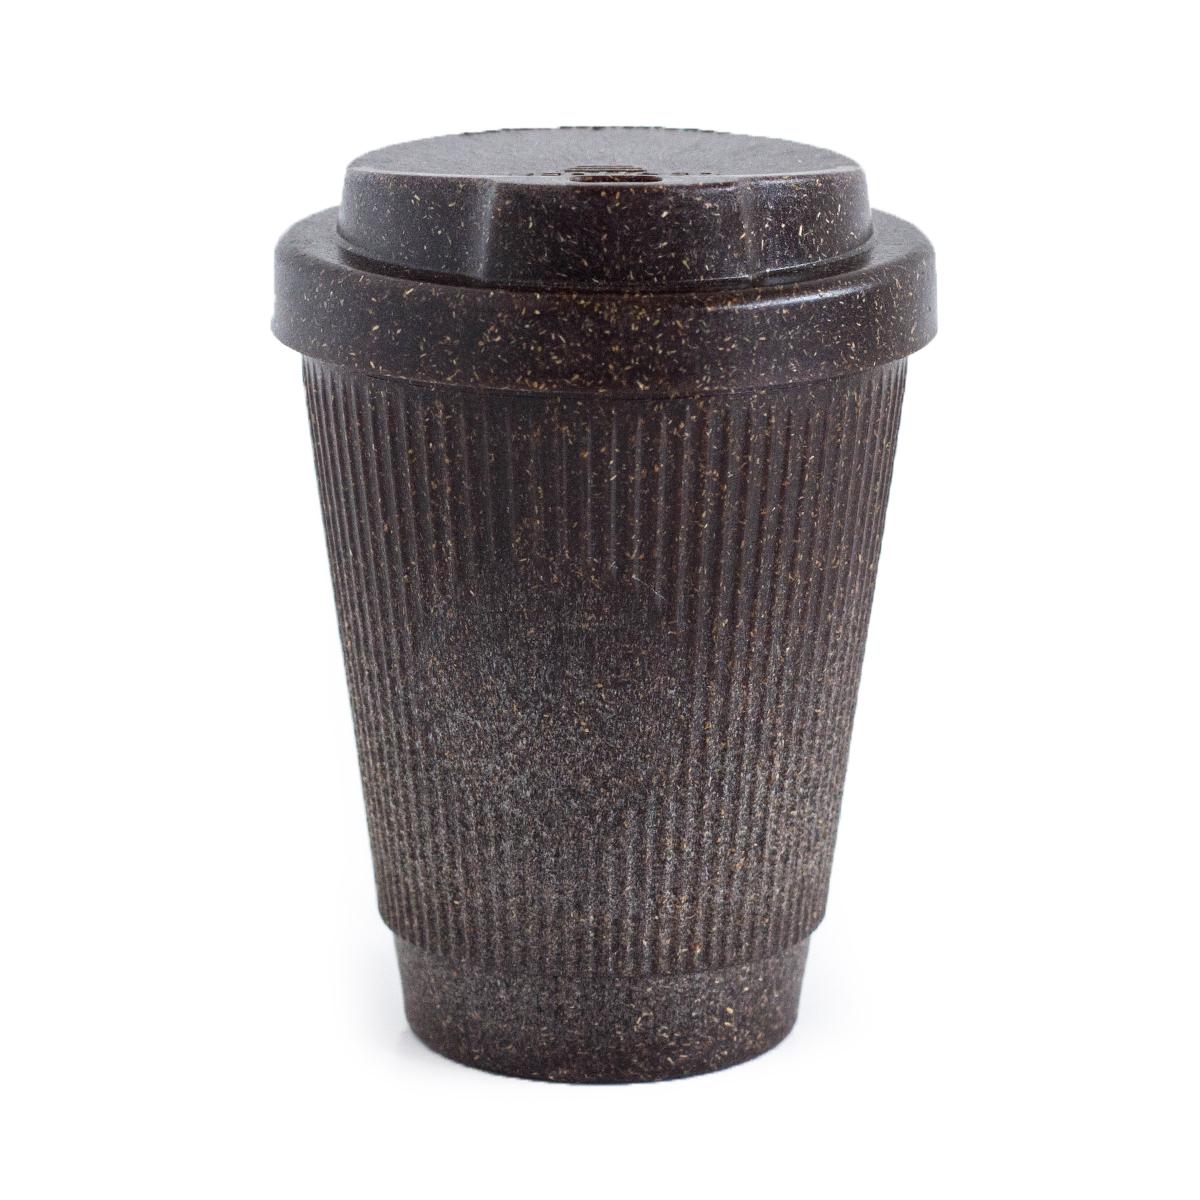 Kaffeeform. Weducer